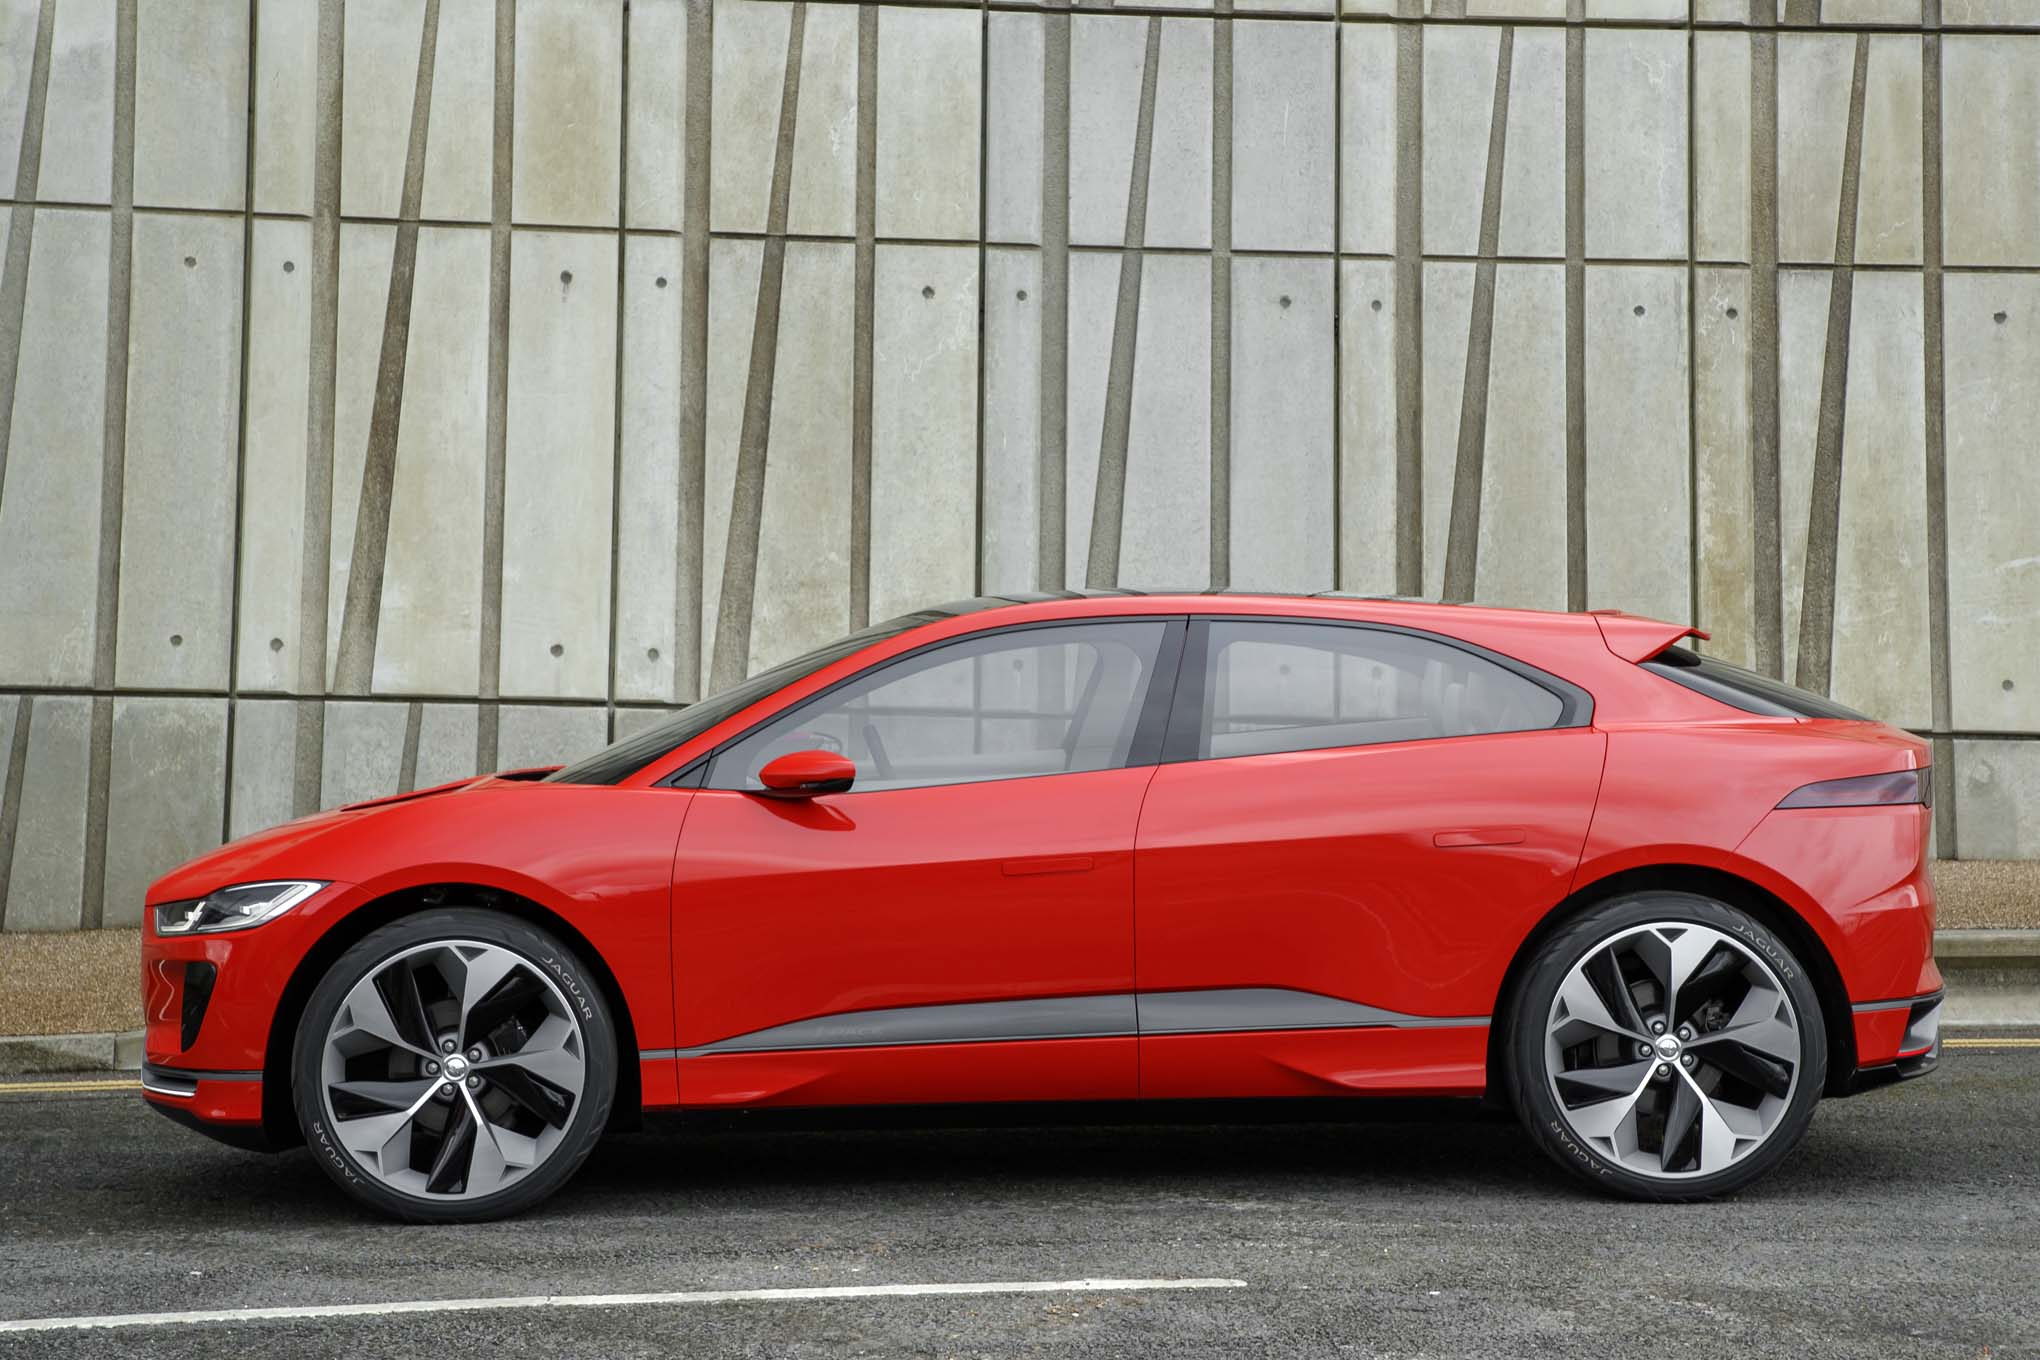 jaguar-i-pace-concept-side-profile-182